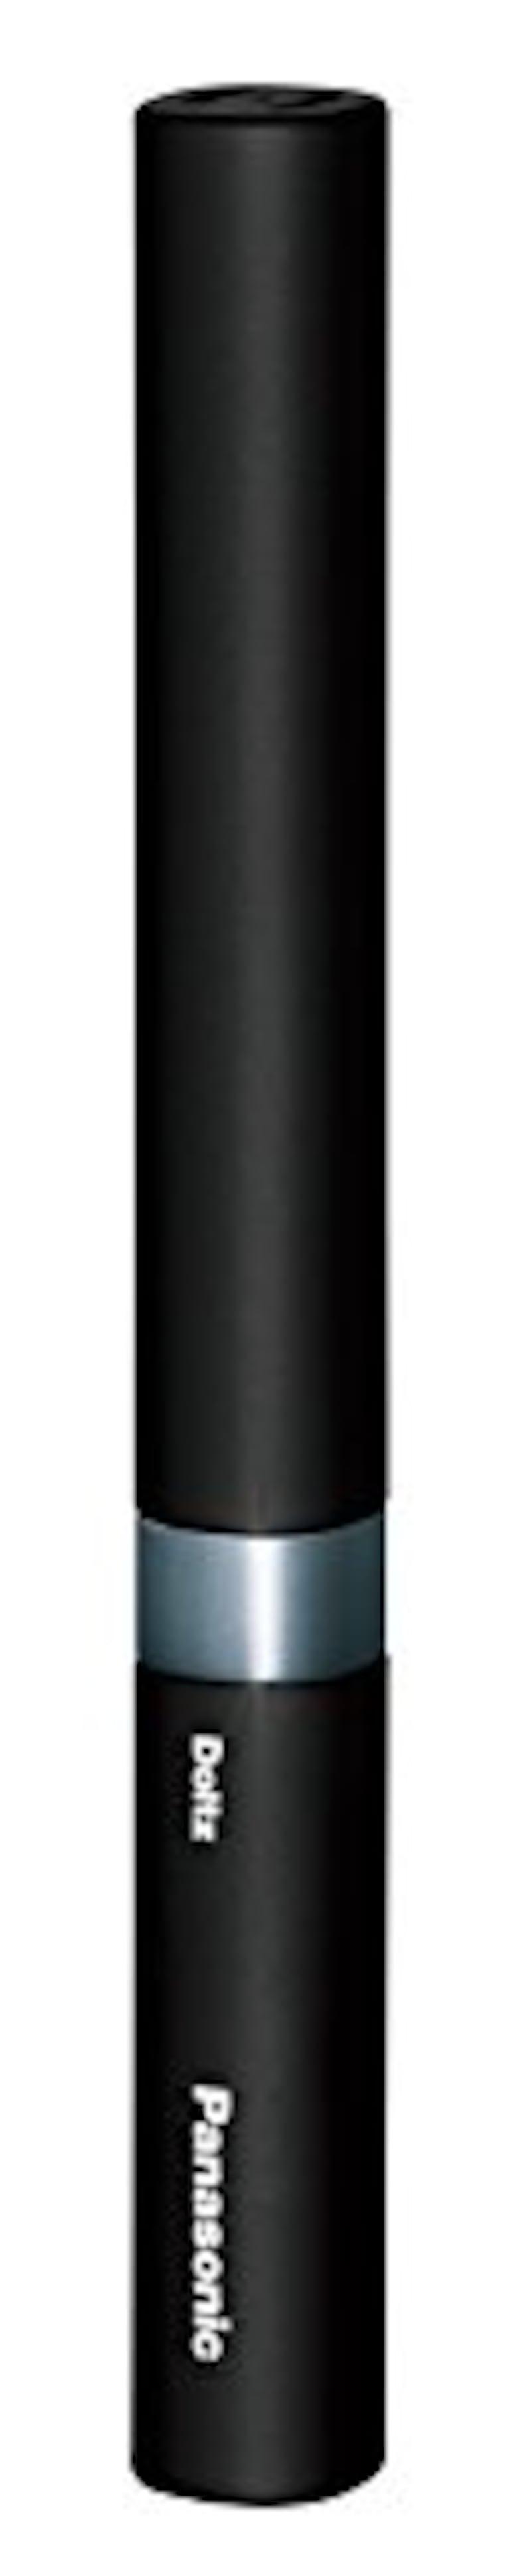 パナソニック,電動歯ブラシ ポケットドルツ 極細毛タイプ,EW-DS42-K